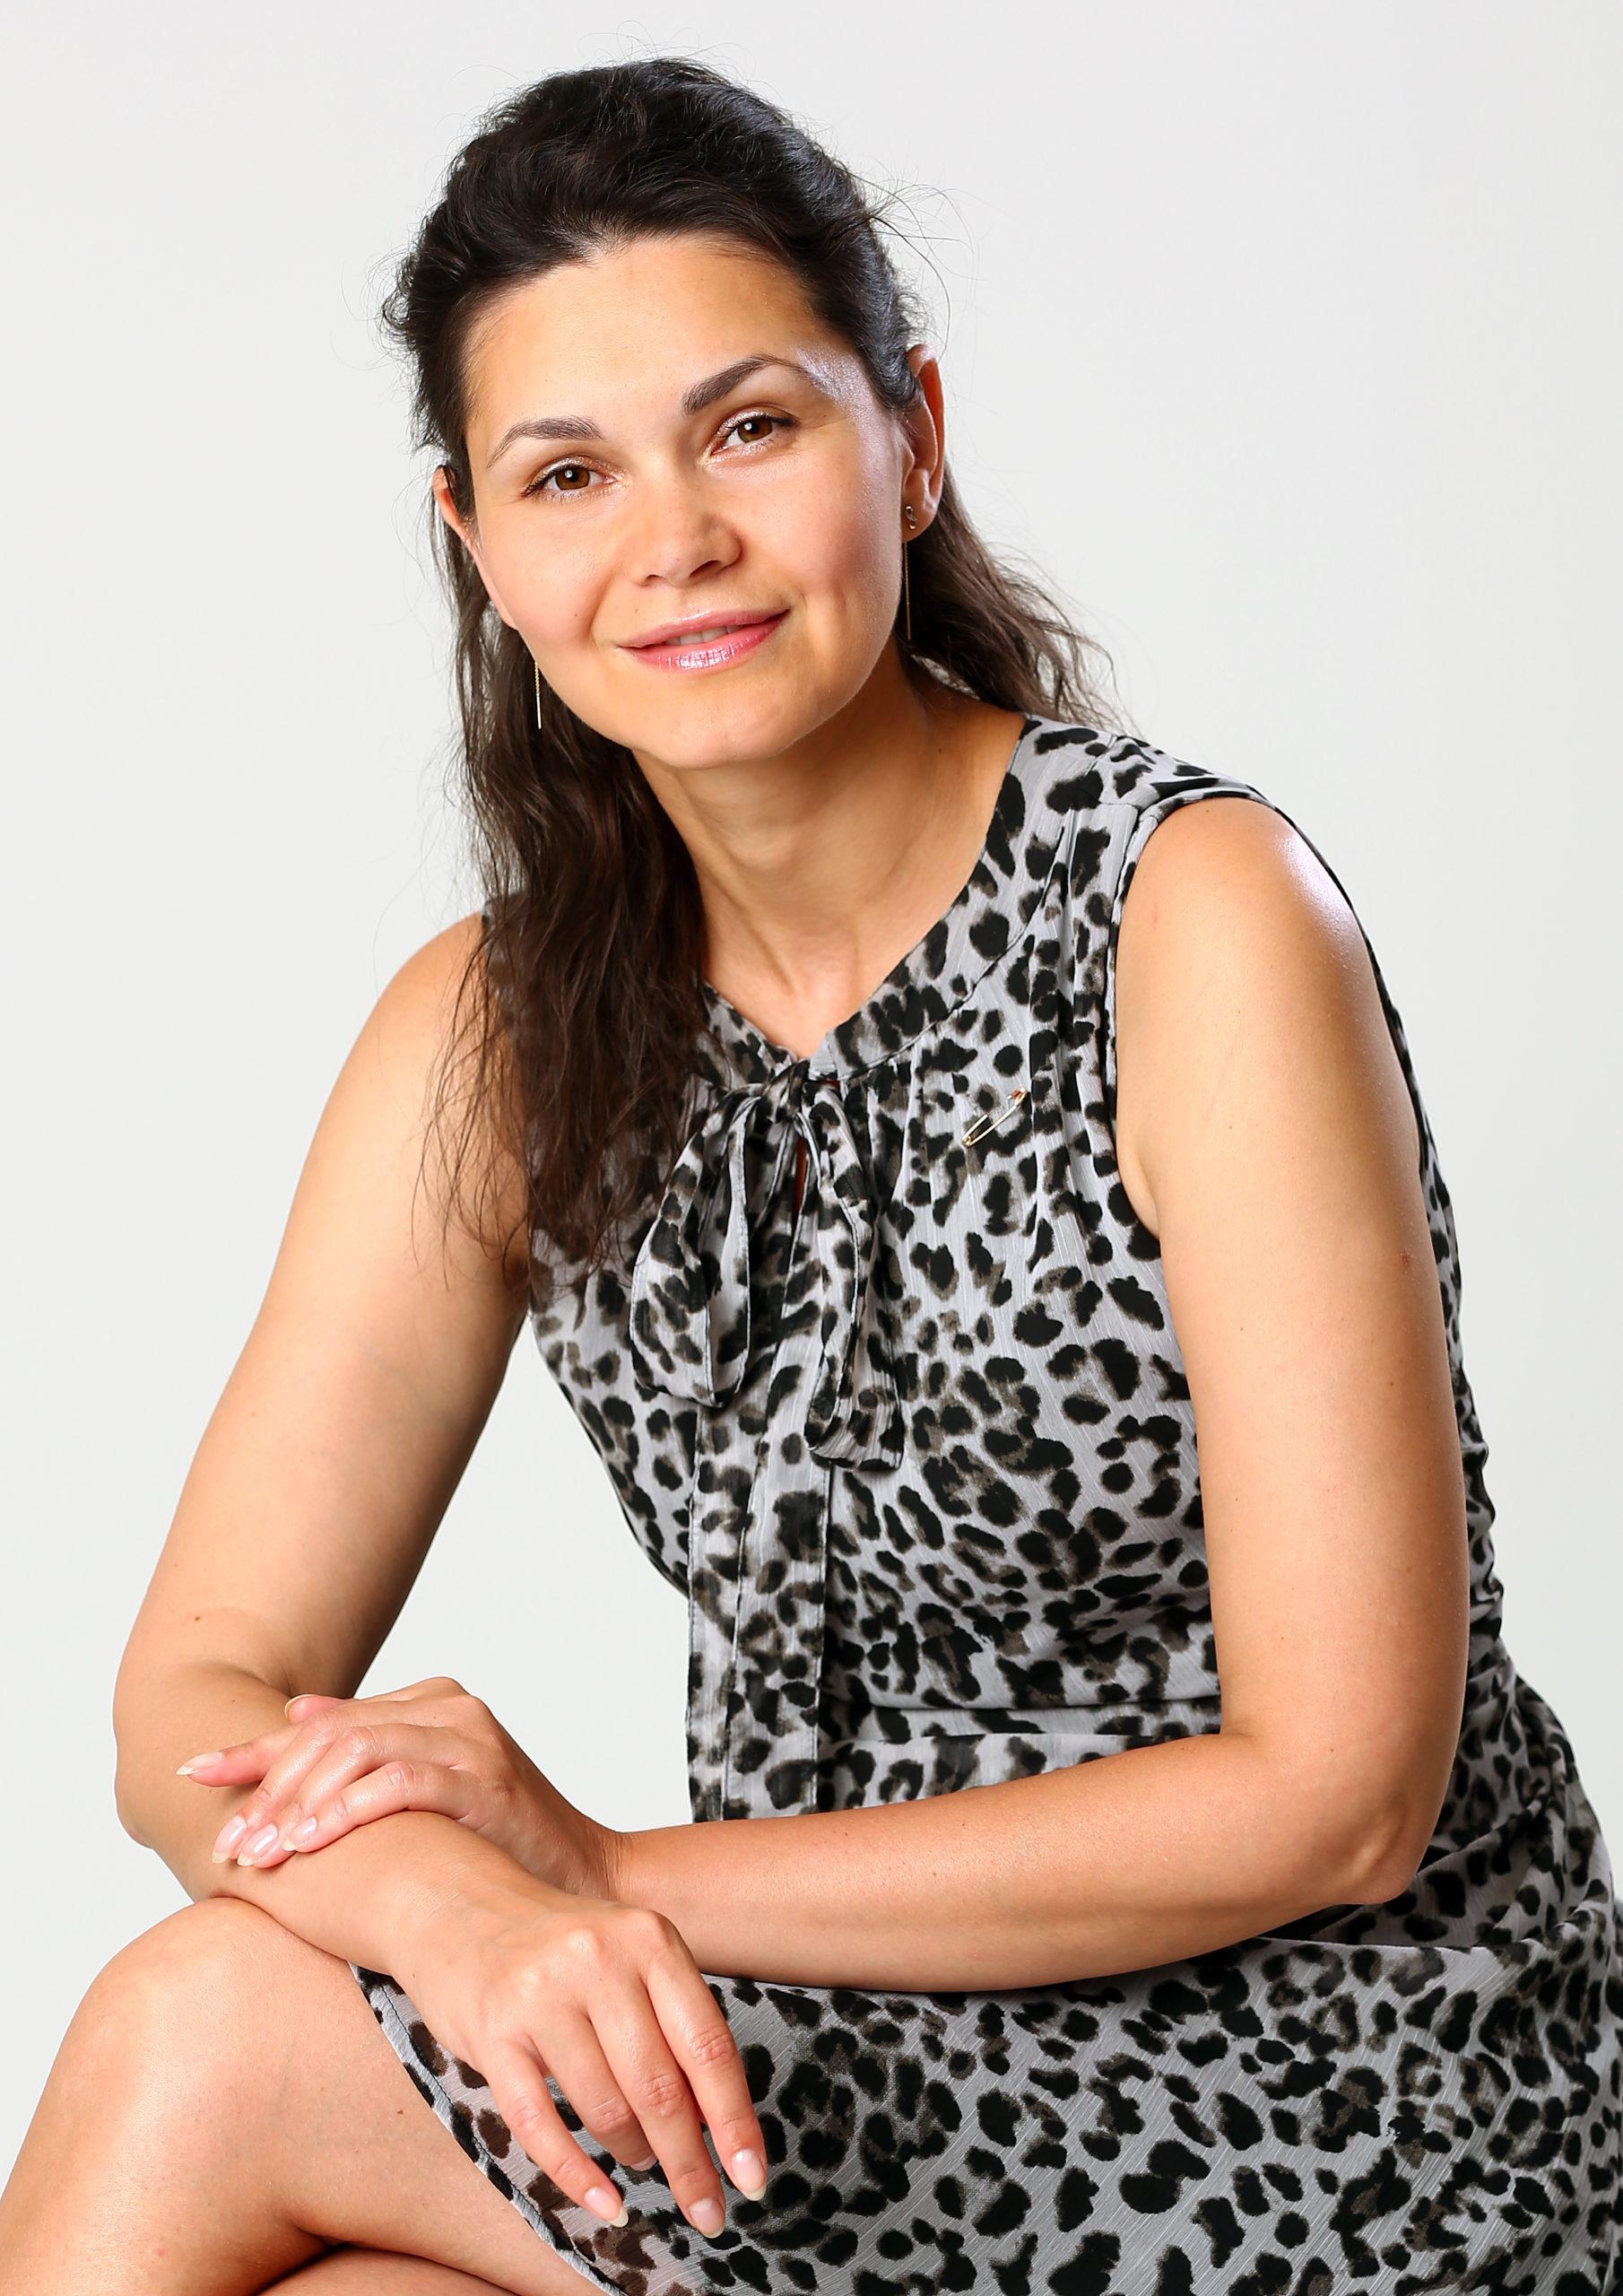 Olga Liashenko